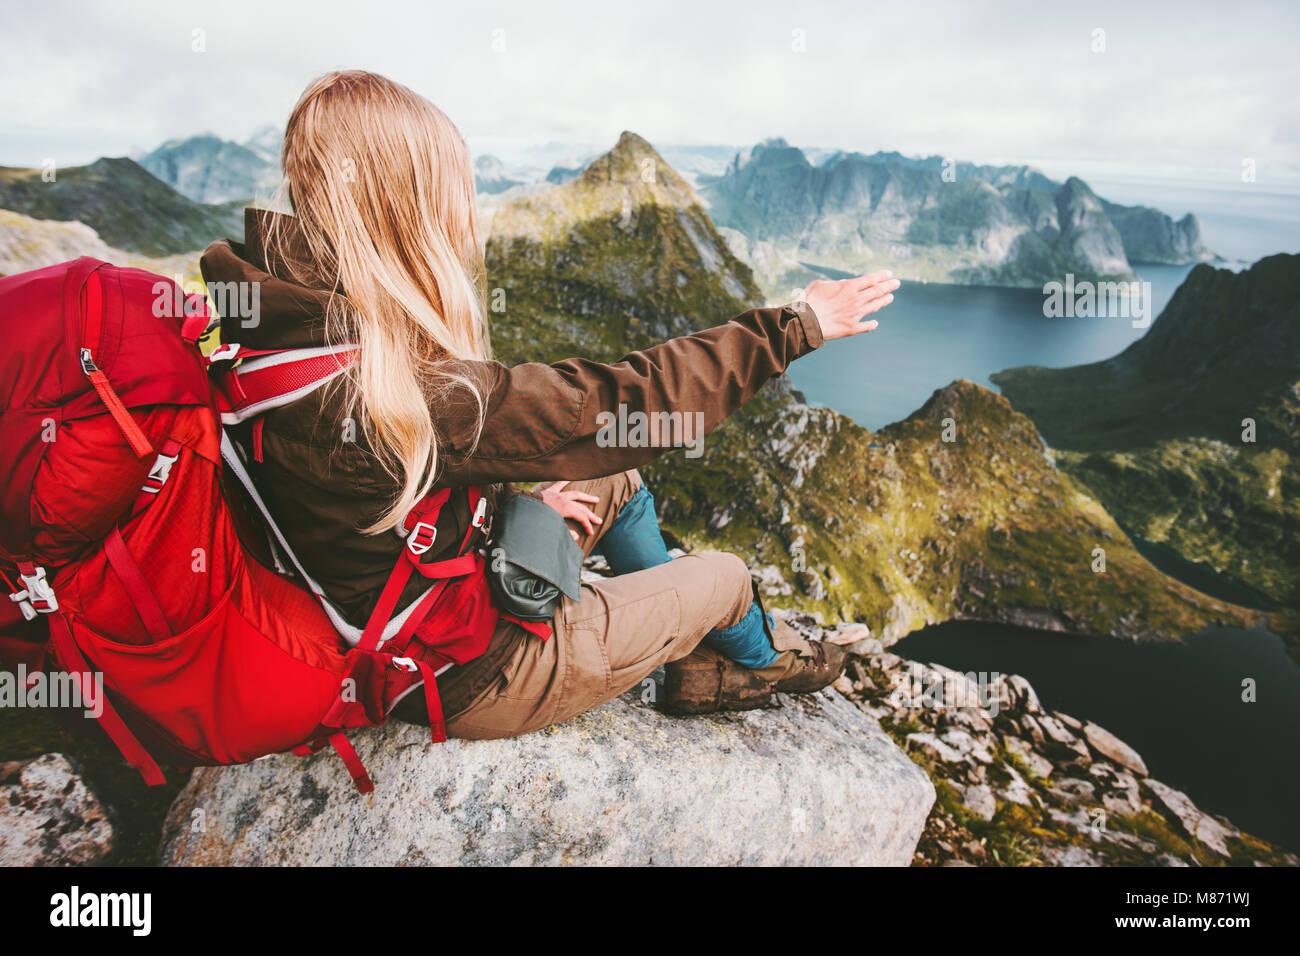 Traveler donna ammirando il paesaggio delle montagne Norvegia viaggiare lifestyle adventure concept escursionismo Immagini Stock